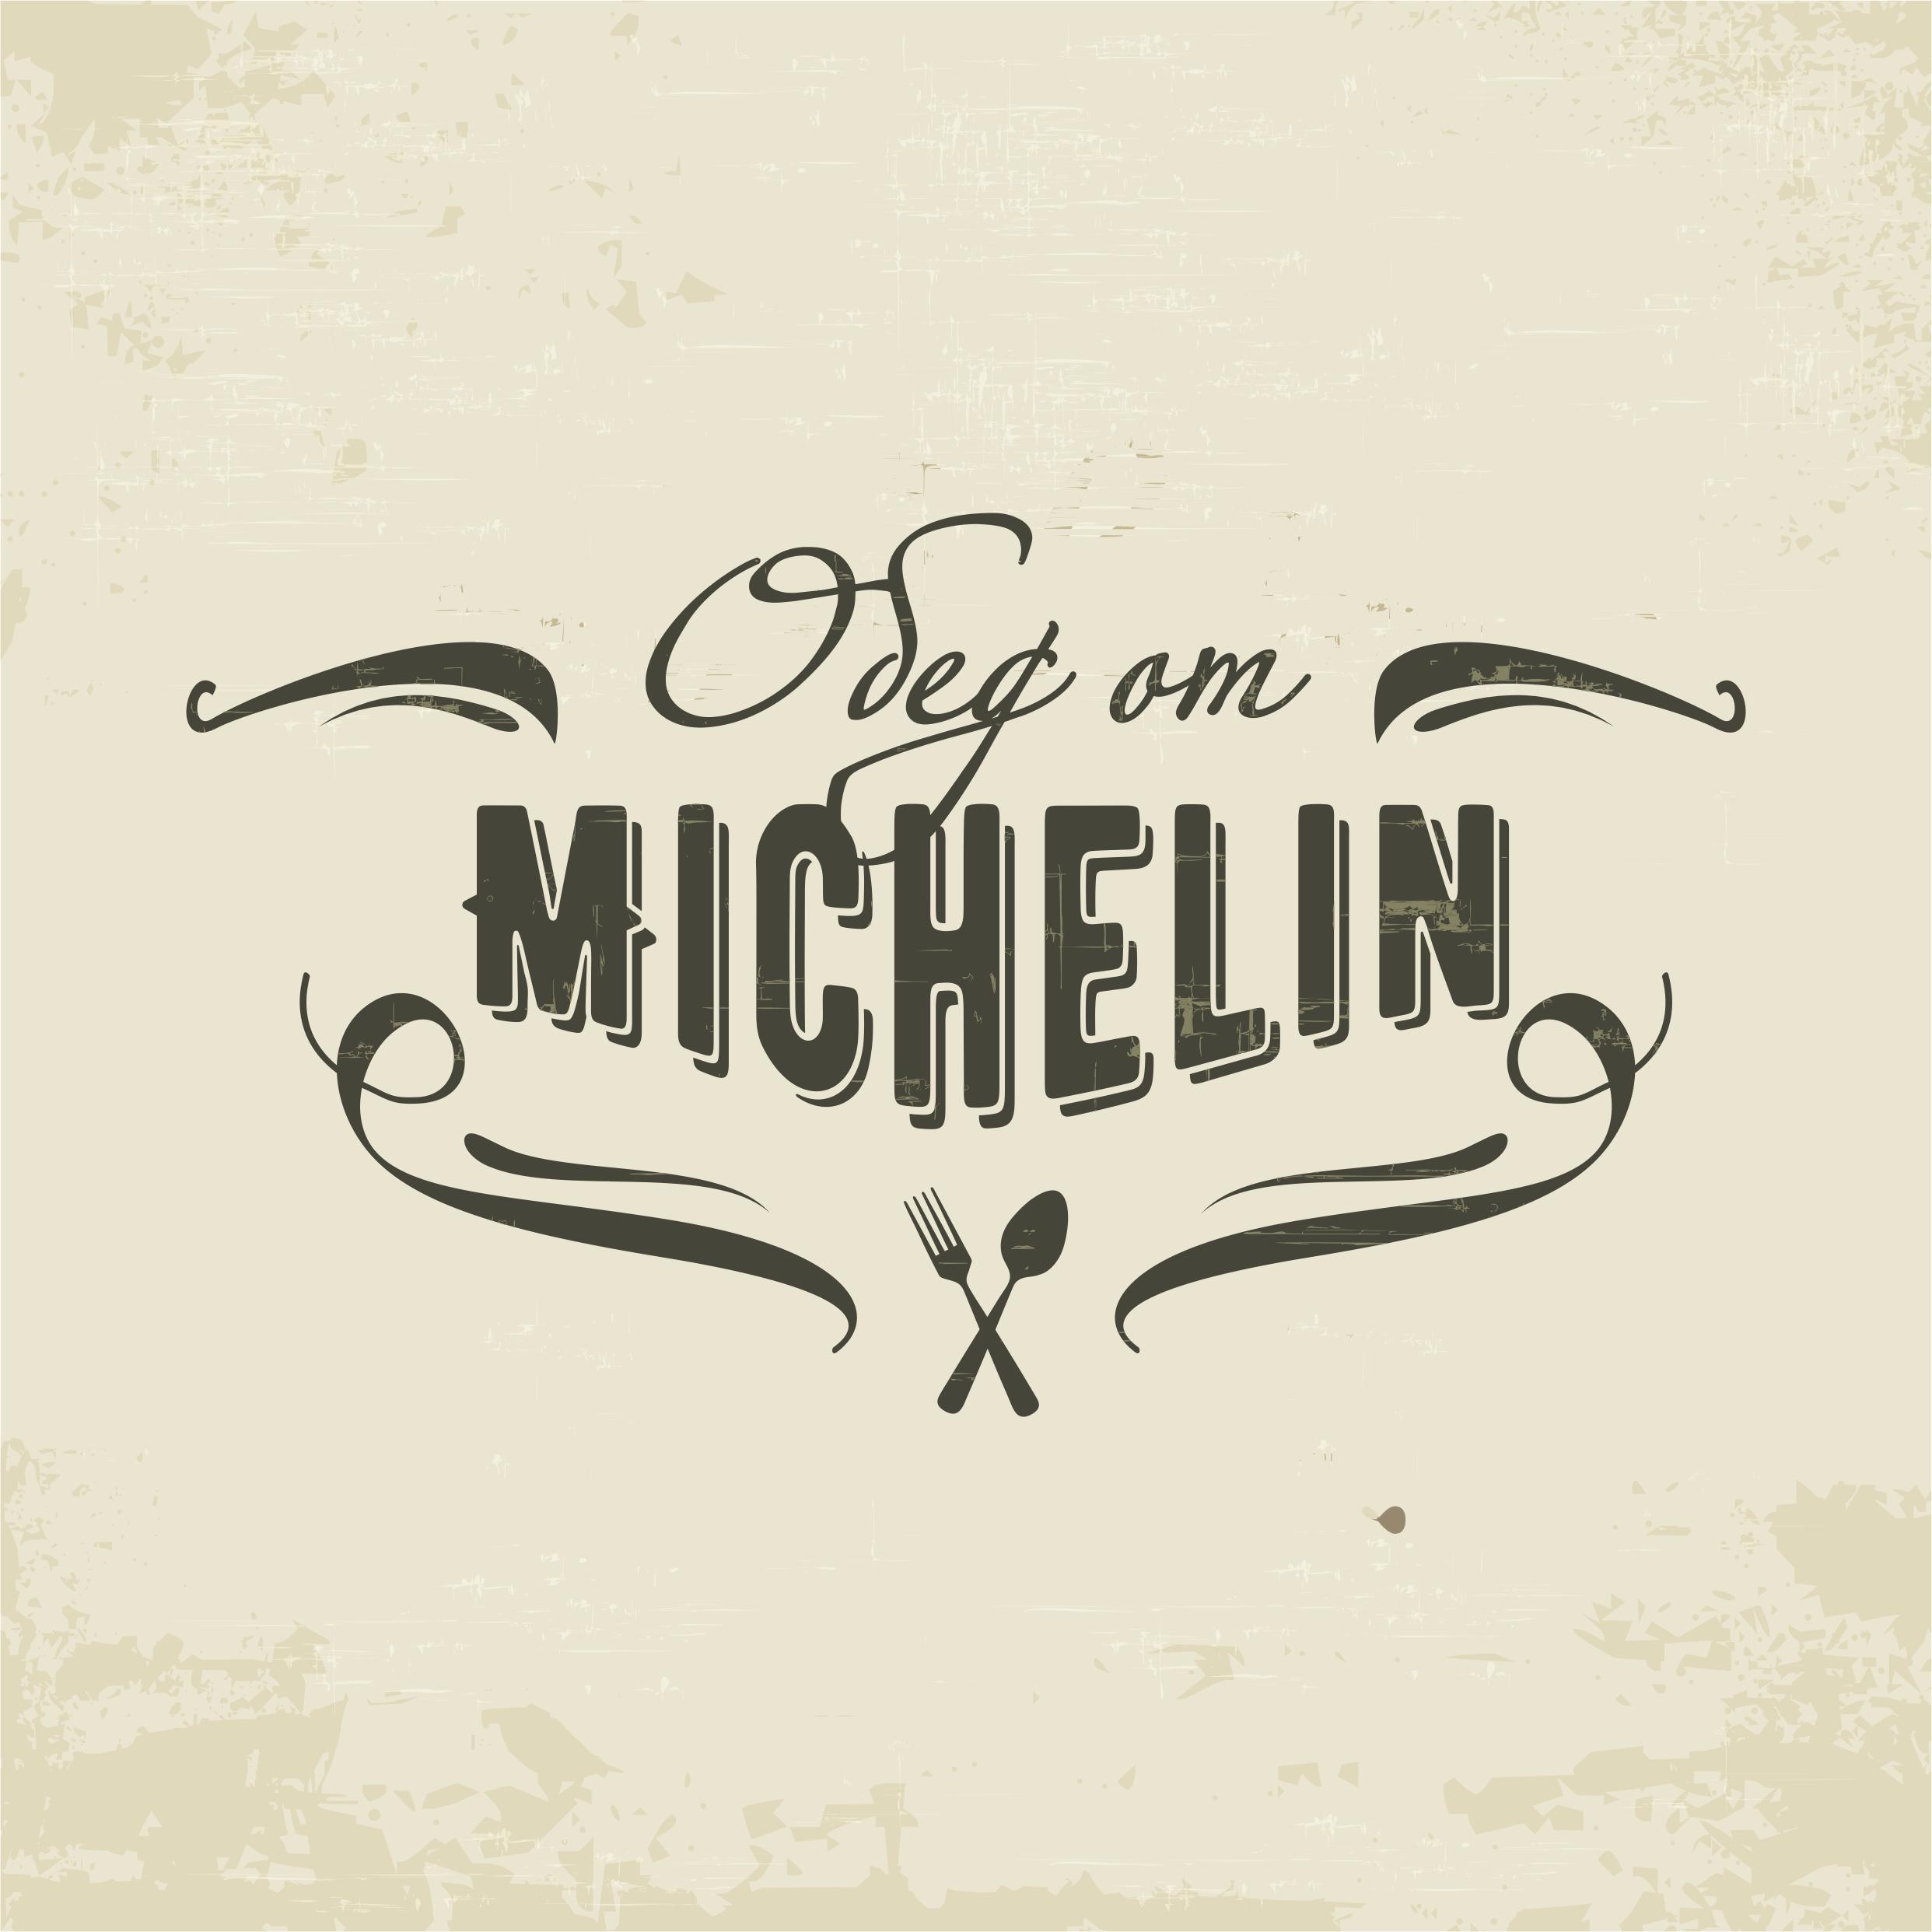 Обед от Michelin